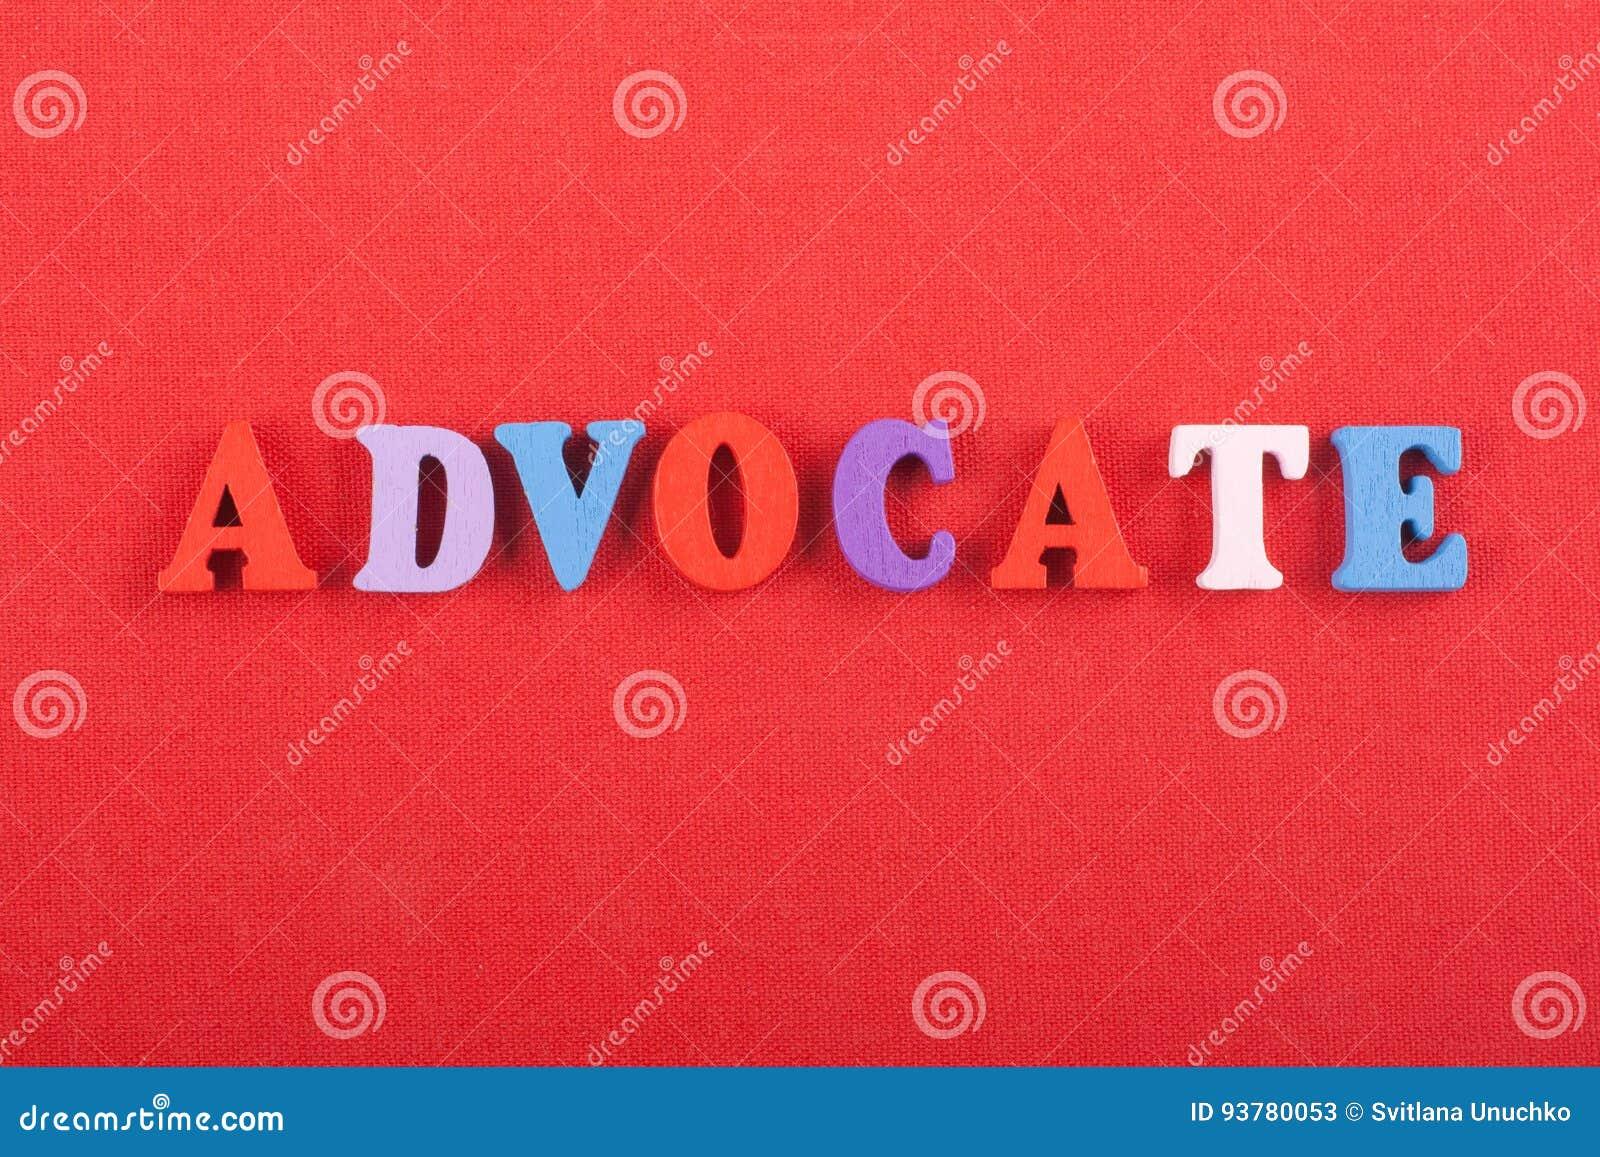 Palavra do ADVOGADO no fundo vermelho composto das letras de madeira do bloco colorido do alfabeto do ABC, espaço da cópia para o